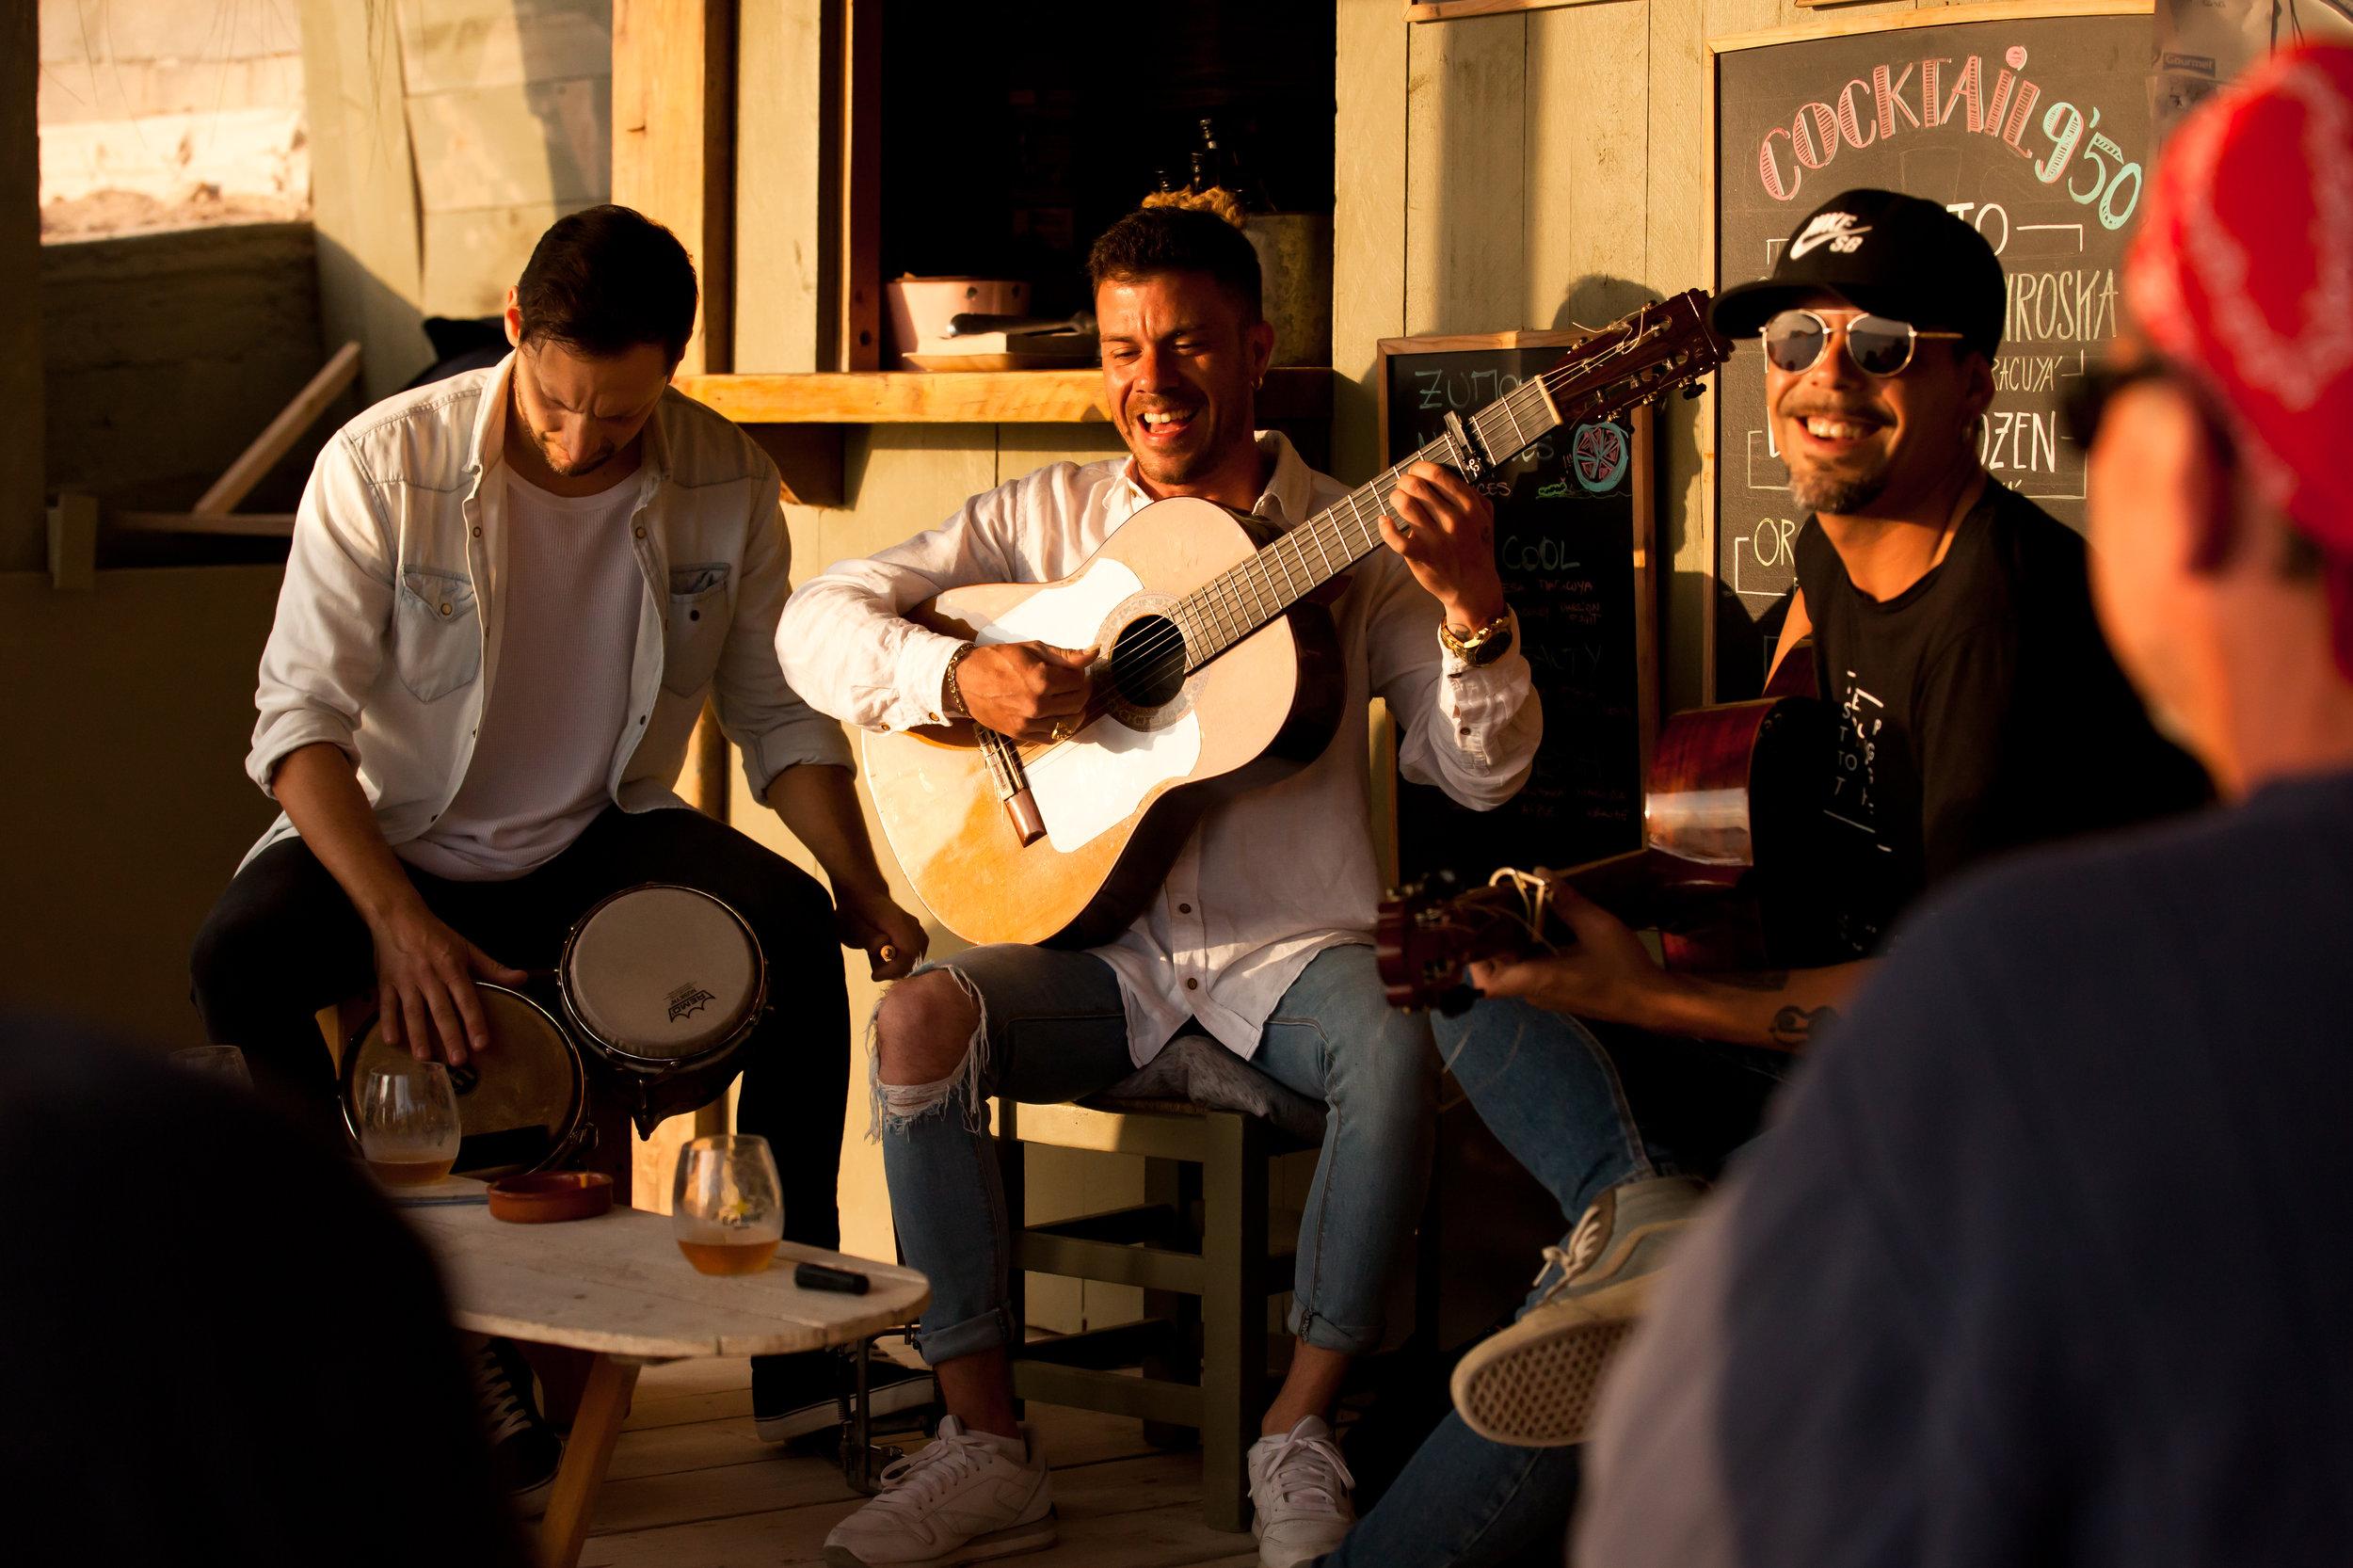 Querencia Flamenco Ibiza - - Mucho arte y buena vibra -